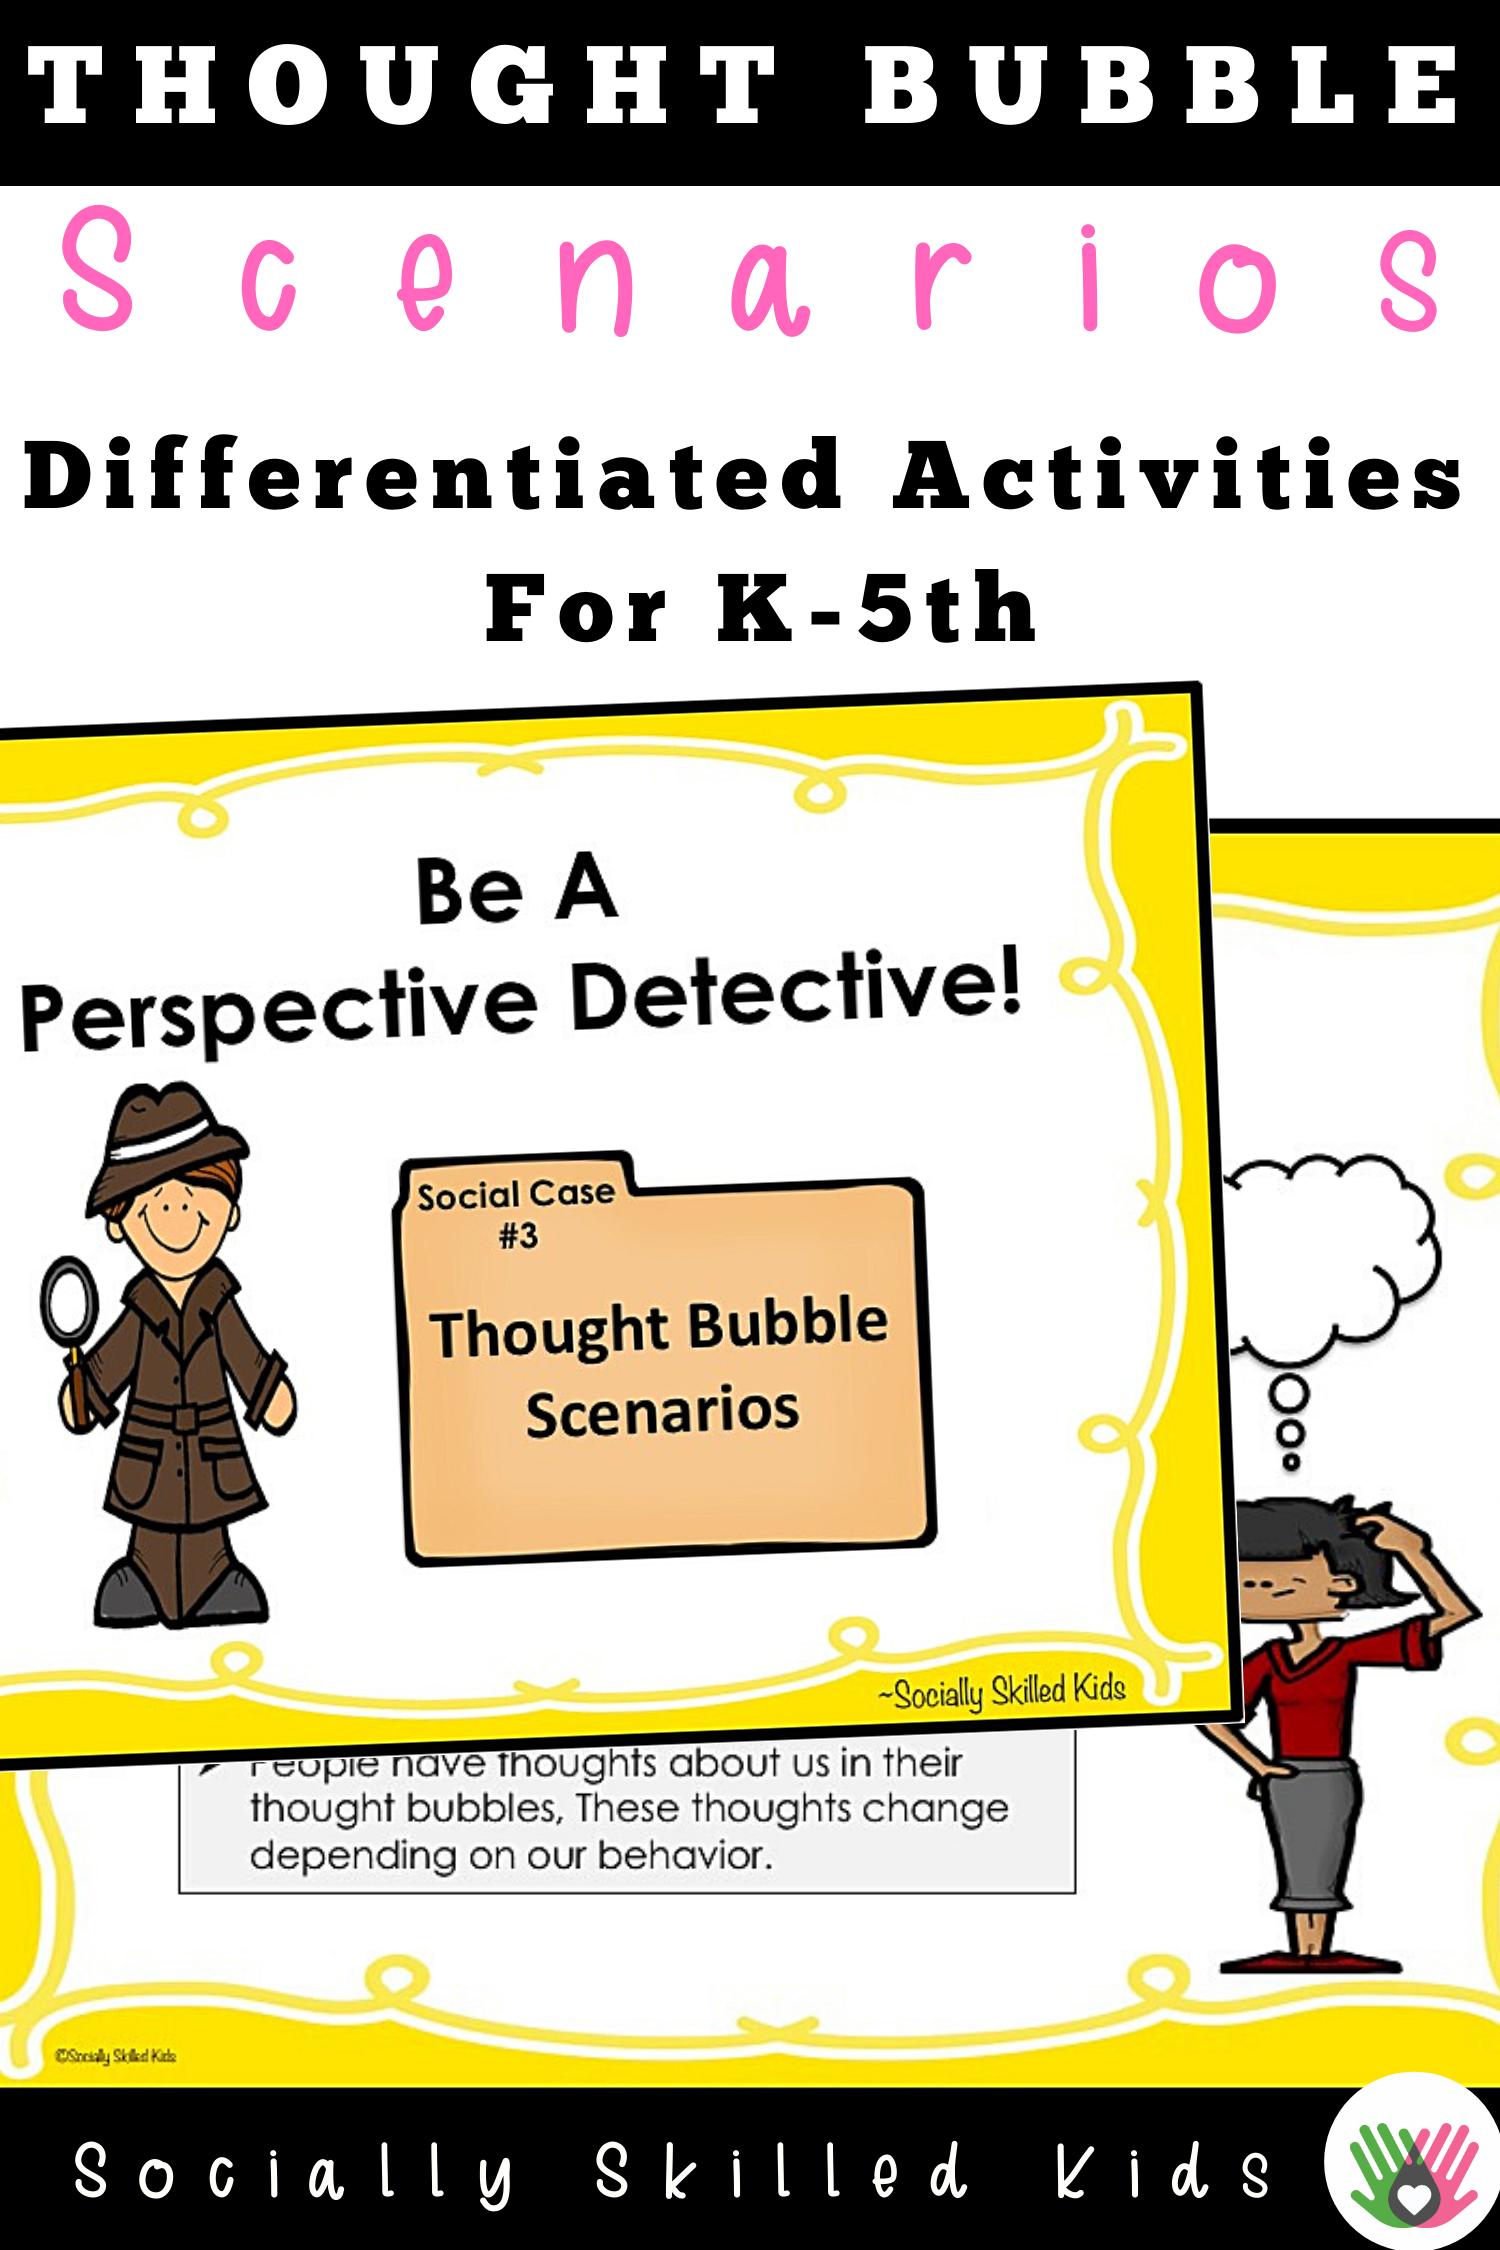 Thought Bubble Scenarios